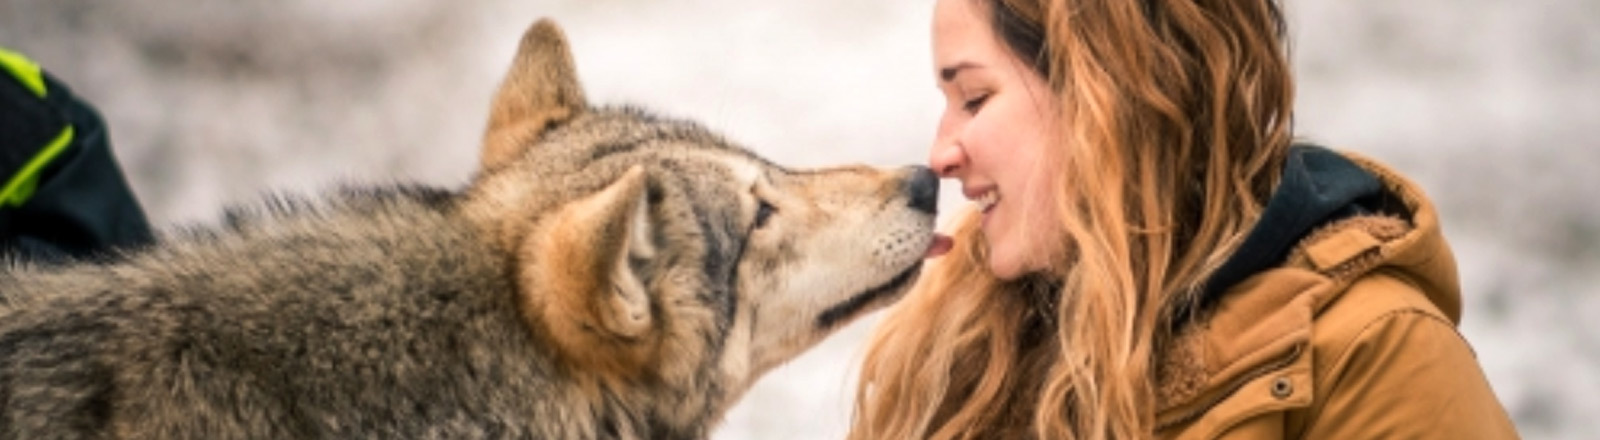 Eine Frau mit einem Wolf.